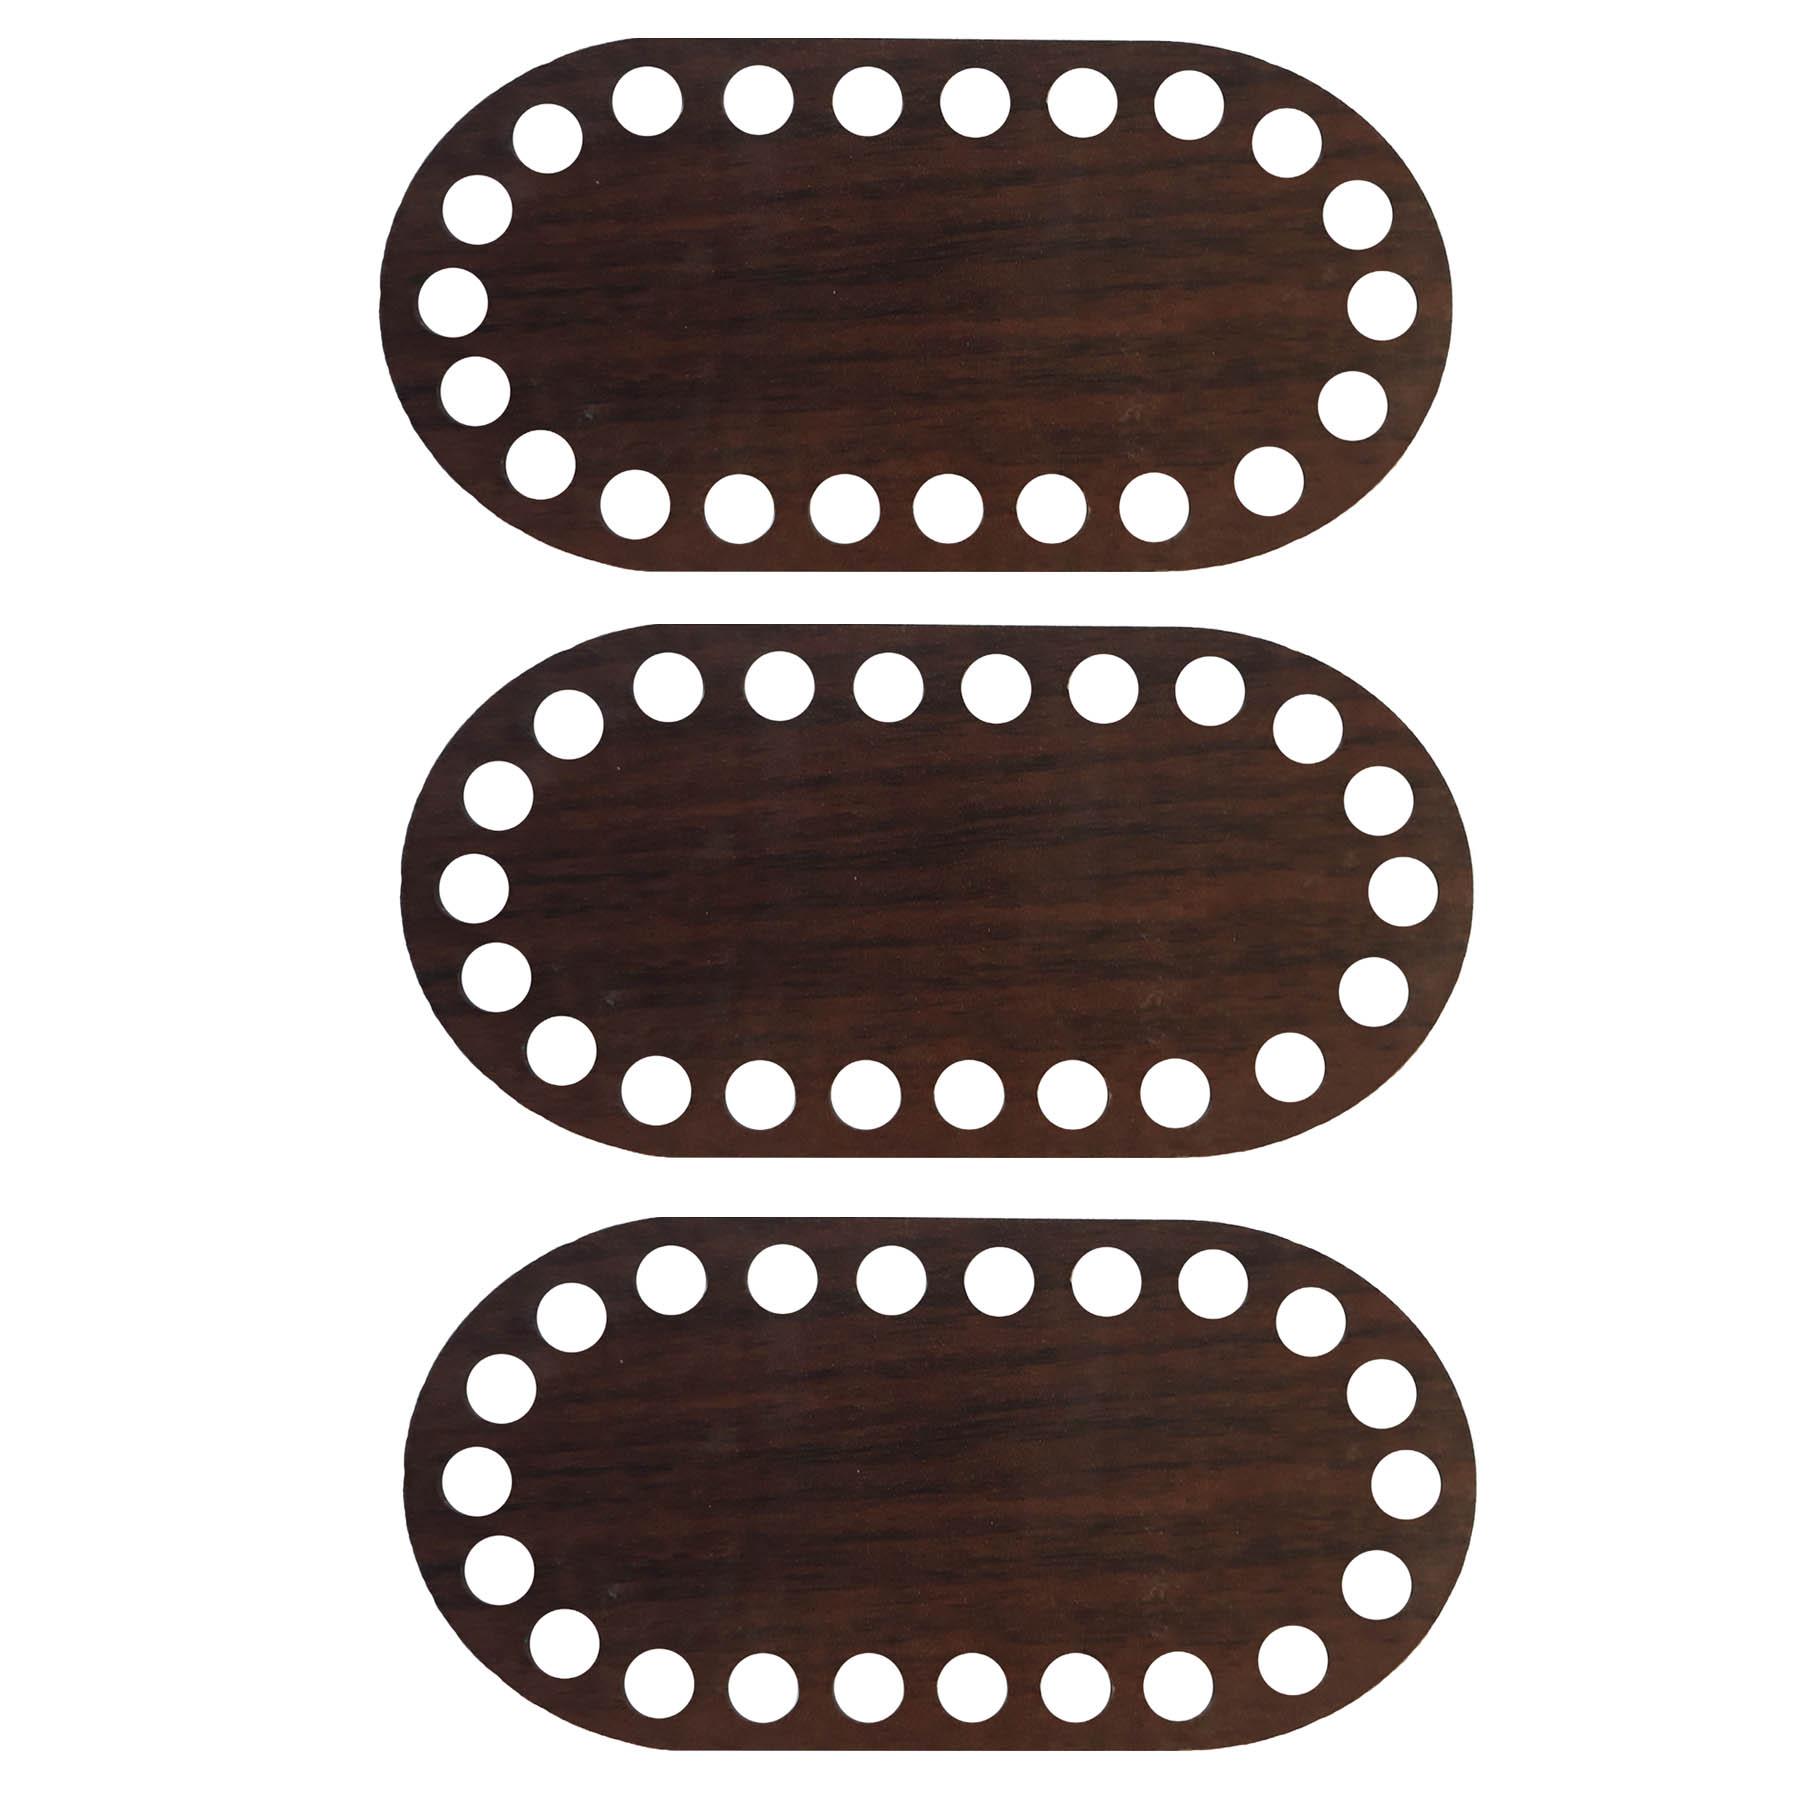 کفی تریکو بافی مدل بیضی کد BE3 بسته 3 عددی